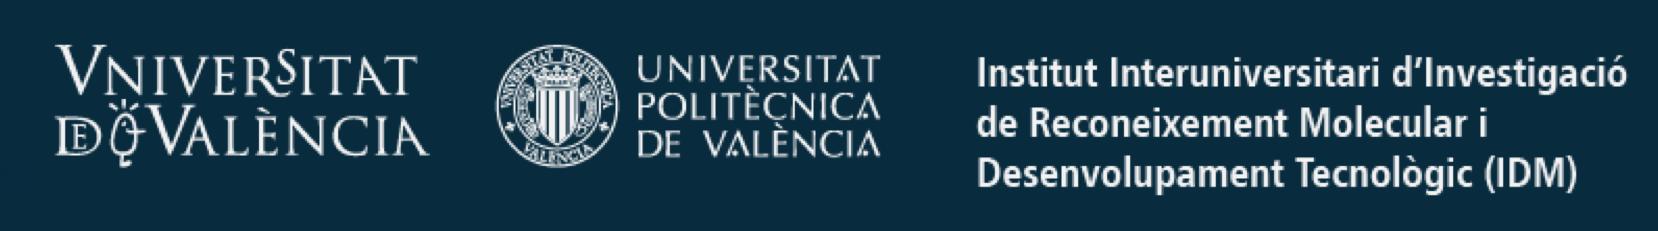 Universitat Politècnica de València – Institut Universitari d'Investigació de Reconeixement Molecular i Desenvolupament Tecnològic (IDM) – Departament de Construccions Arquitectòniques.